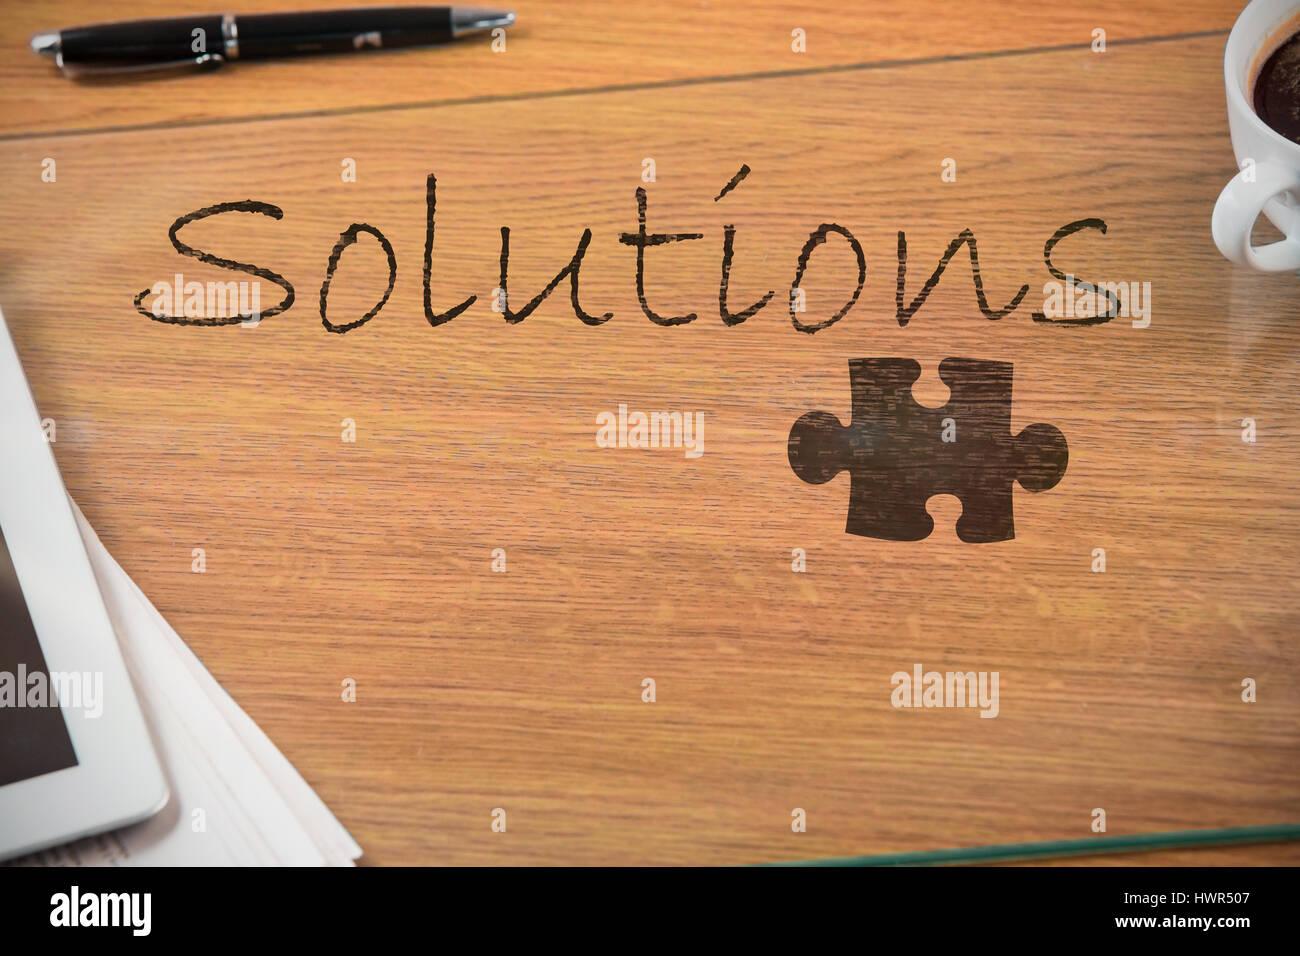 Ufficio Scrivania Questionnaire : Puzzle pezzo su sfondo nero contro il sovraccarico di scrivania da